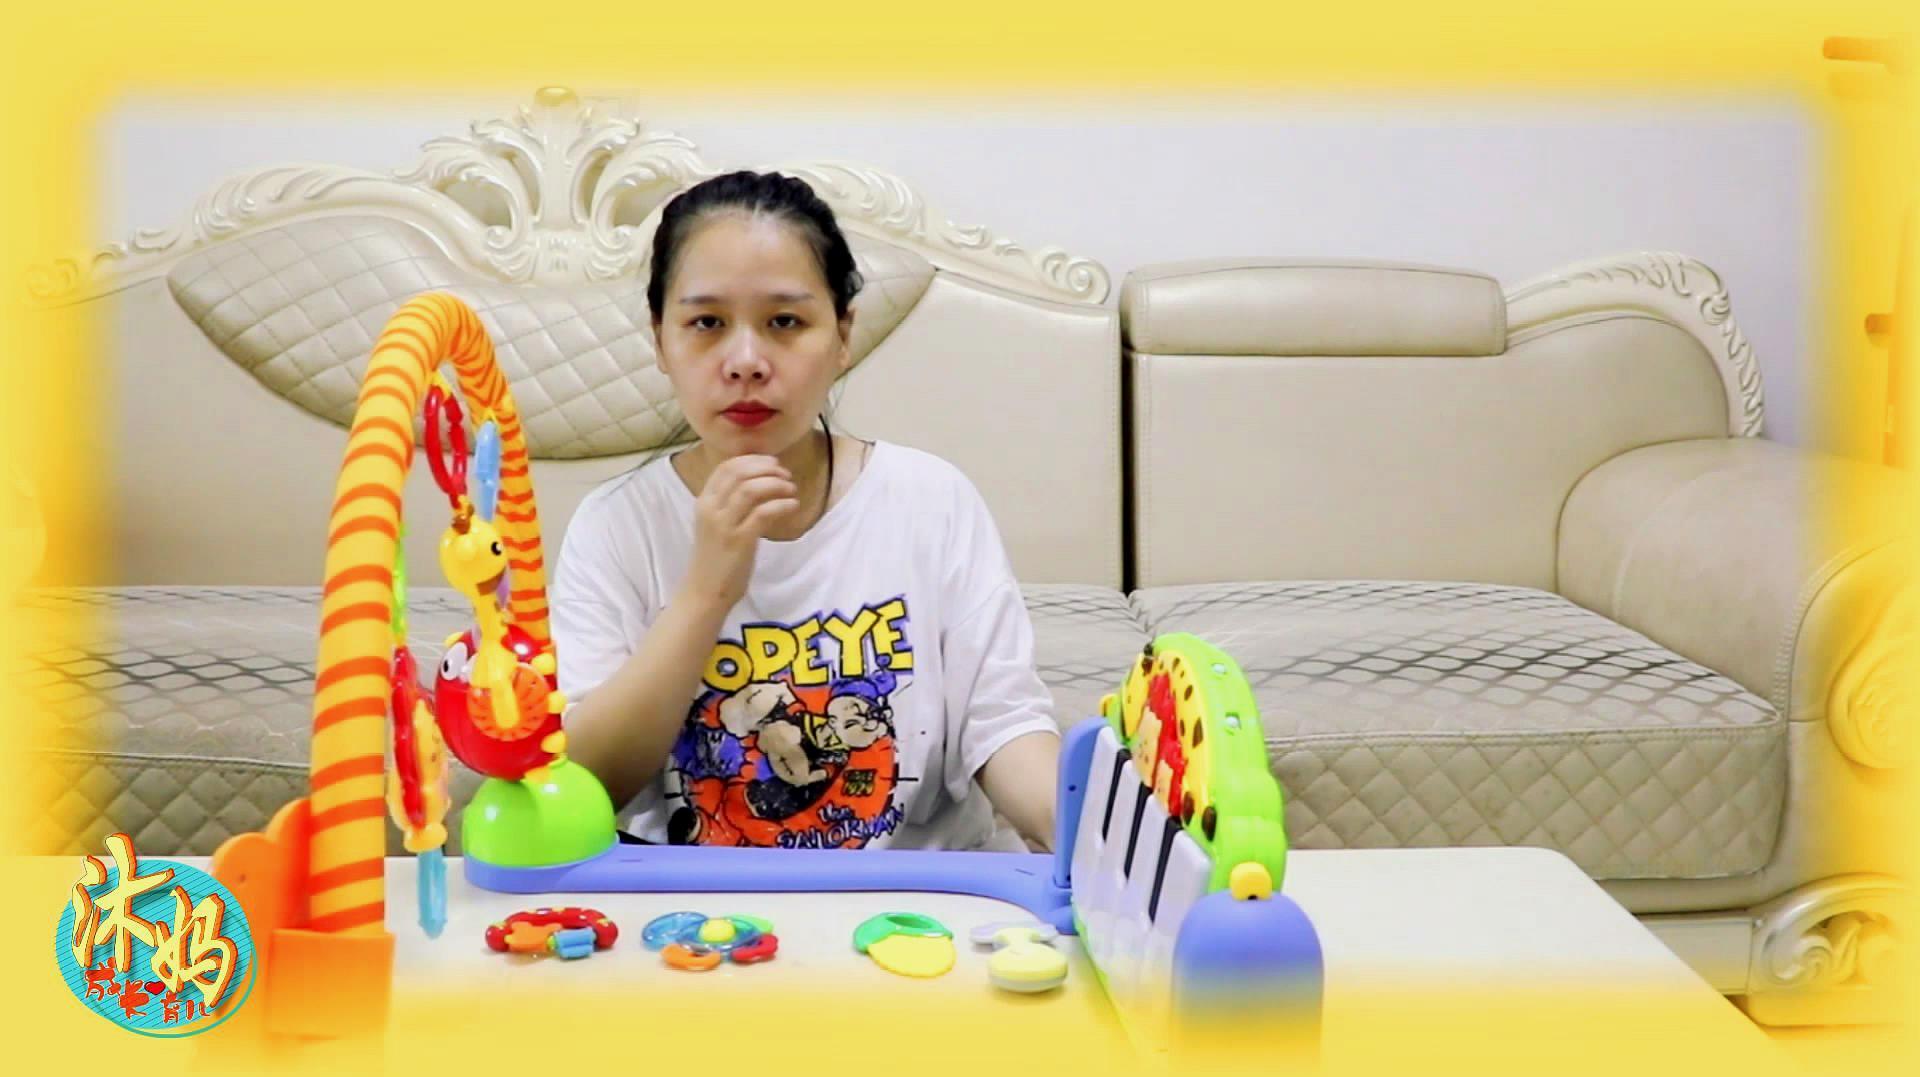 婴儿早教玩具有哪些